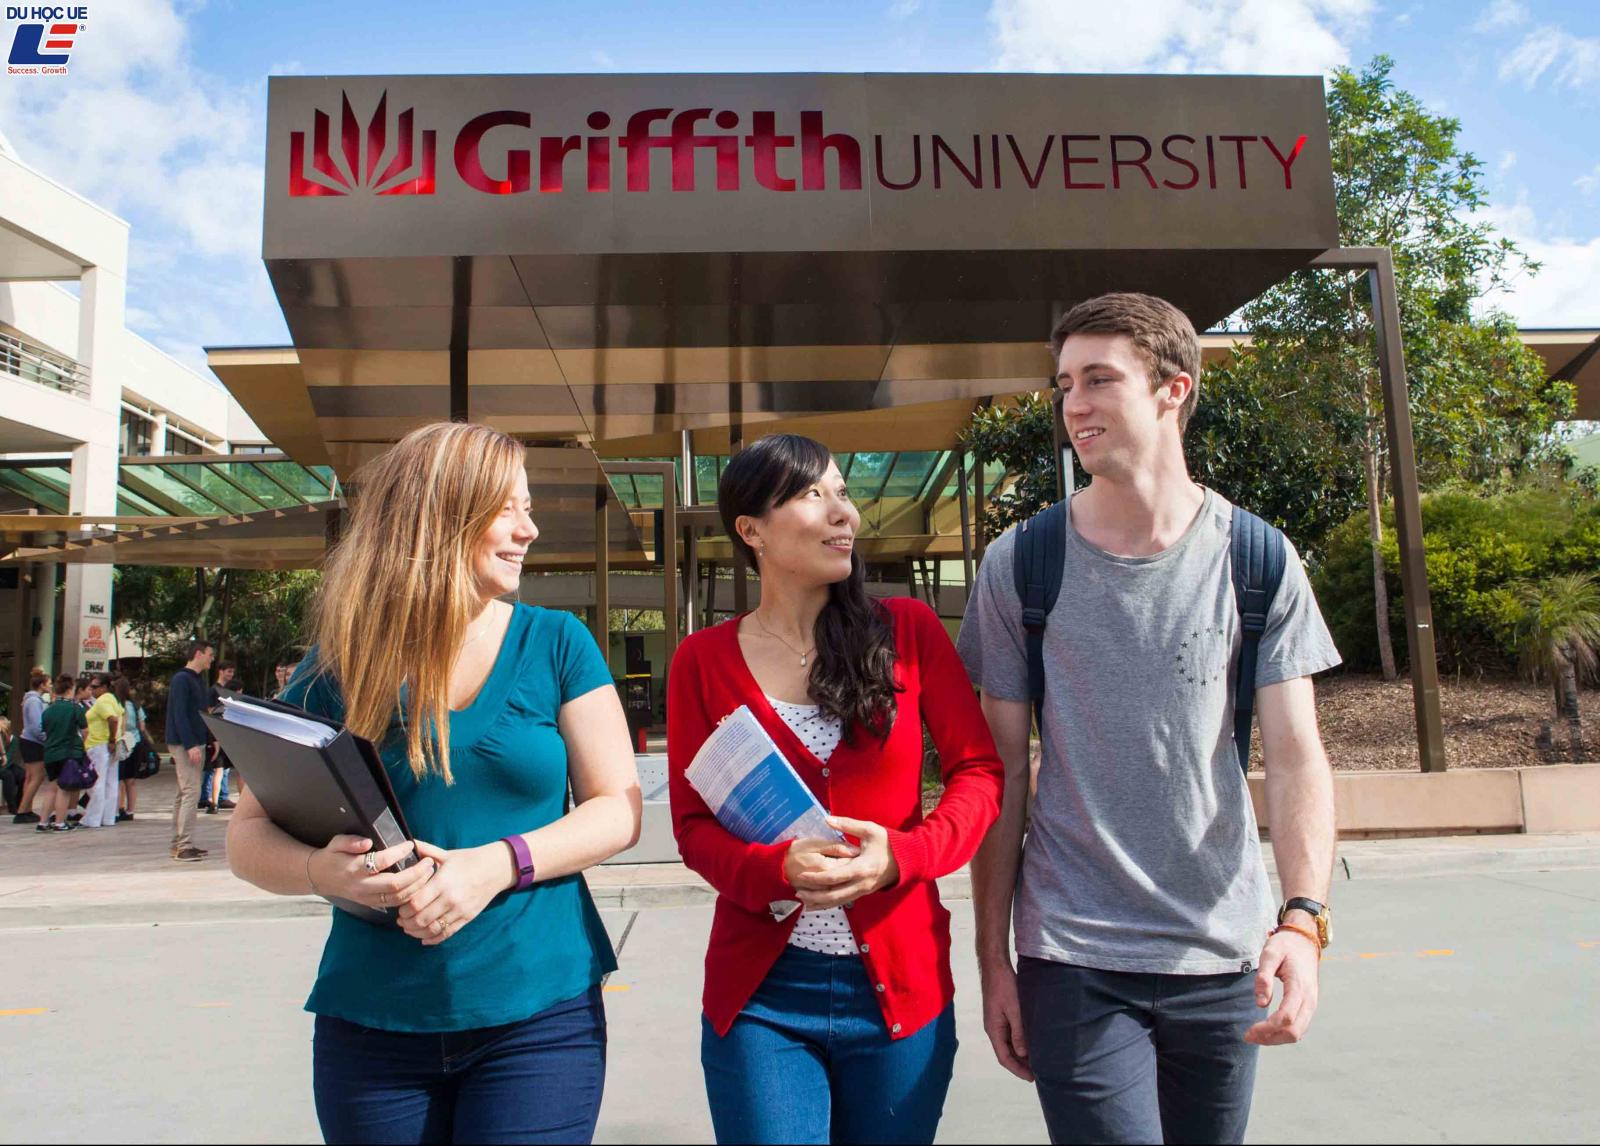 Trường Đại học Griffith University, Úc 2